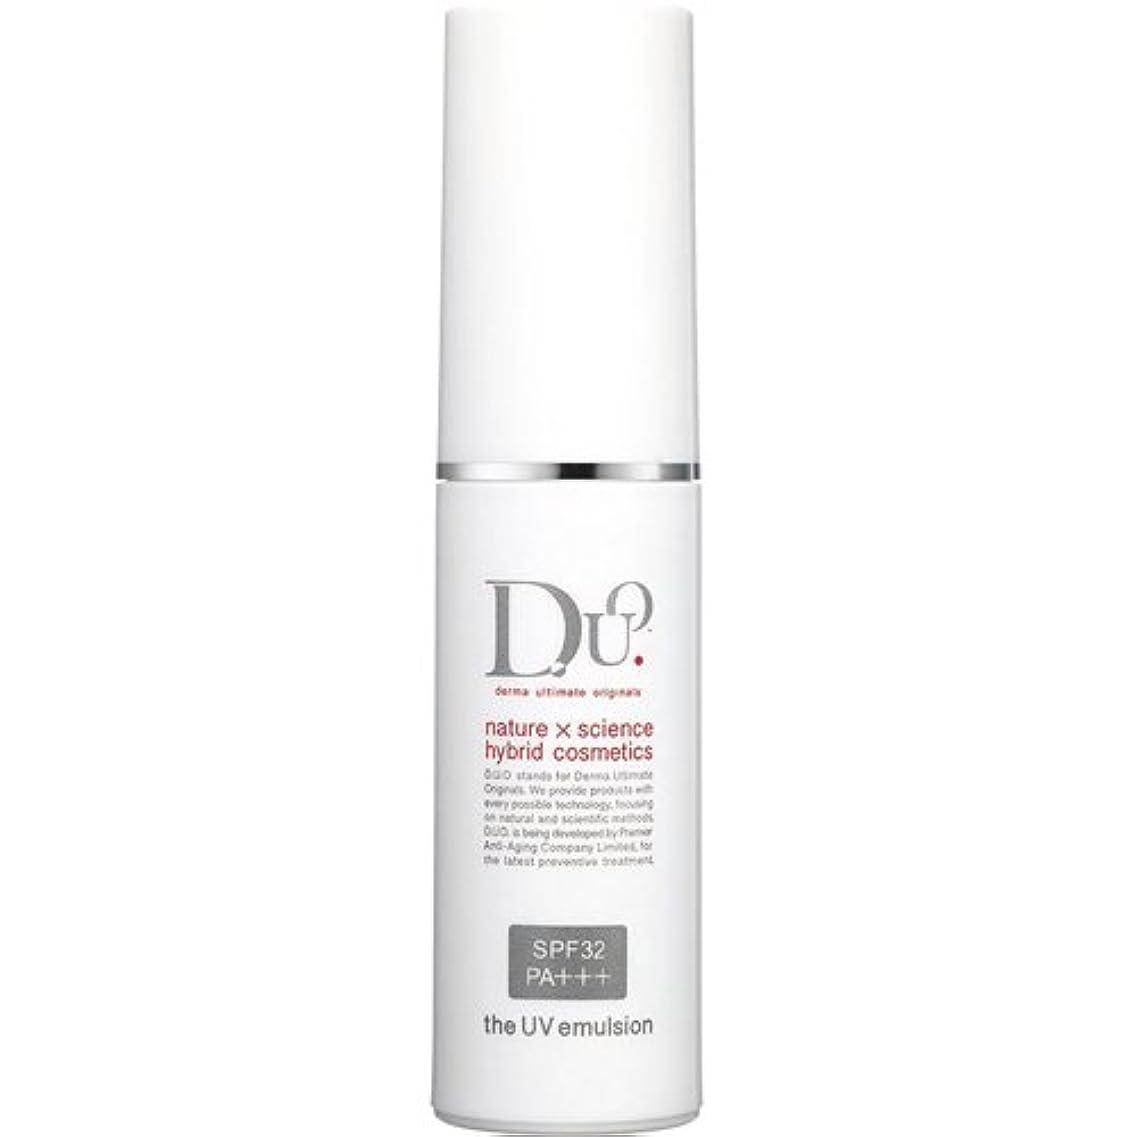 代理人好きである供給D.U.O. ザ UVエマルジョン 25ml(SPF32 PA++)約2ヶ月分【美容乳液 化粧下地】UV美容乳液 <うるおいキープ> ノンケミカル